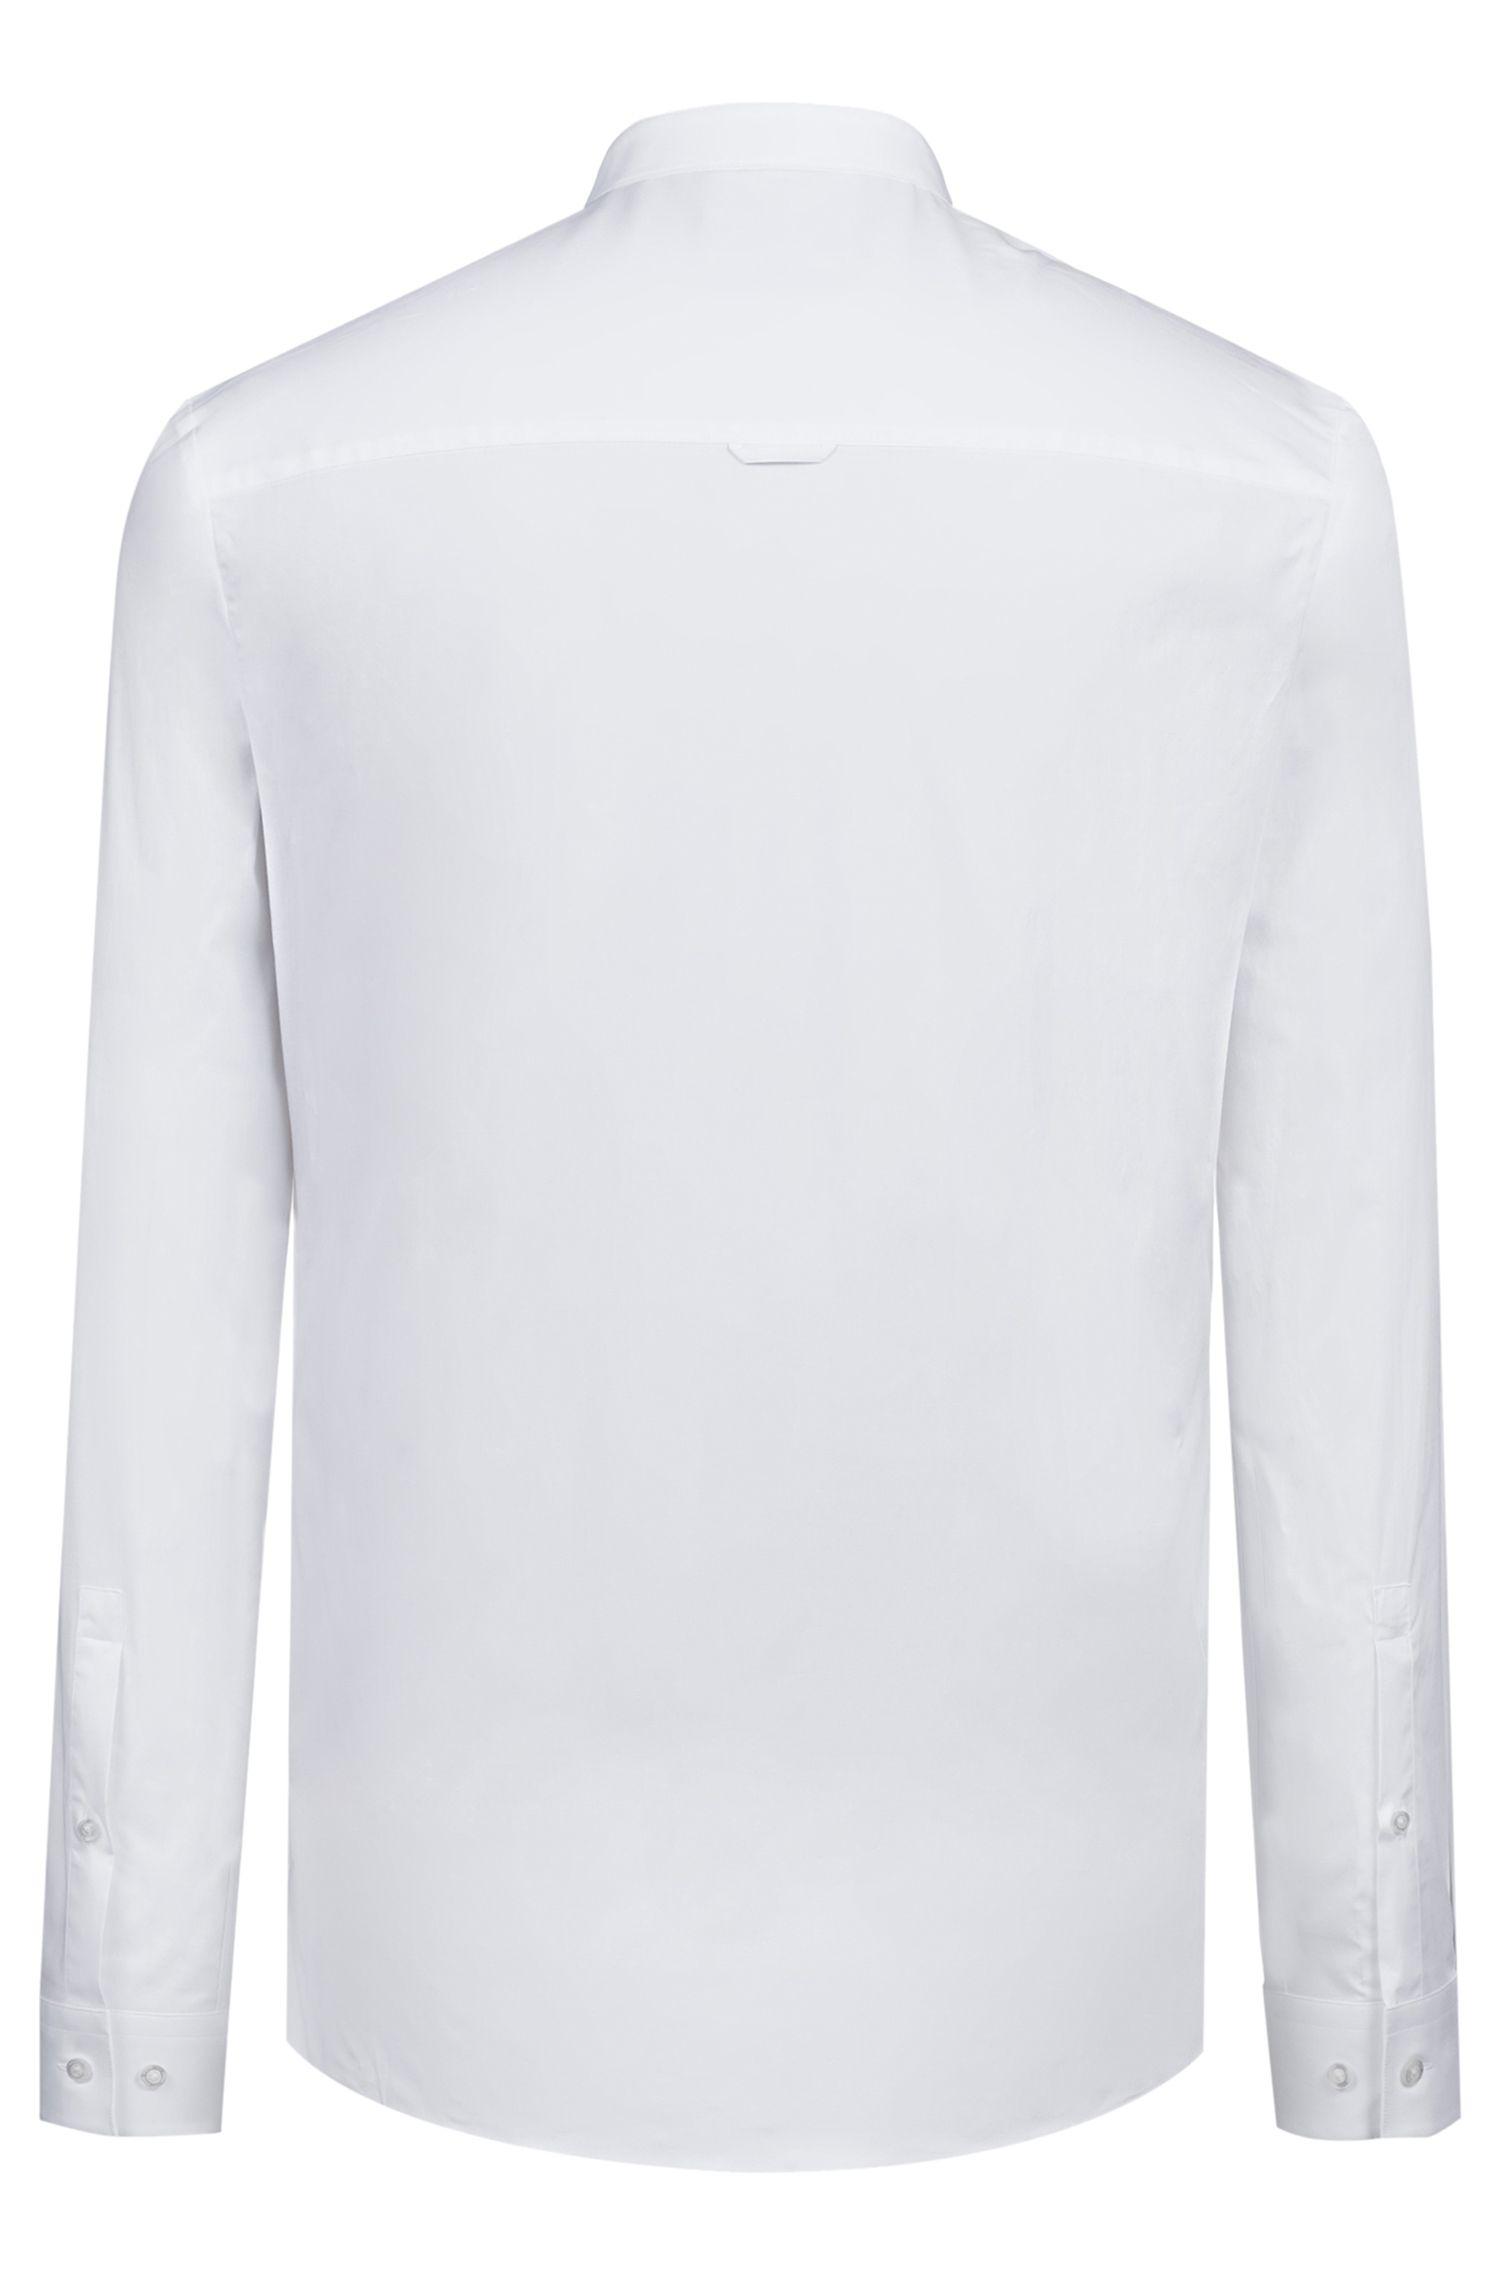 Camicia extra slim fit in cotone elasticizzato con colletto rialzato